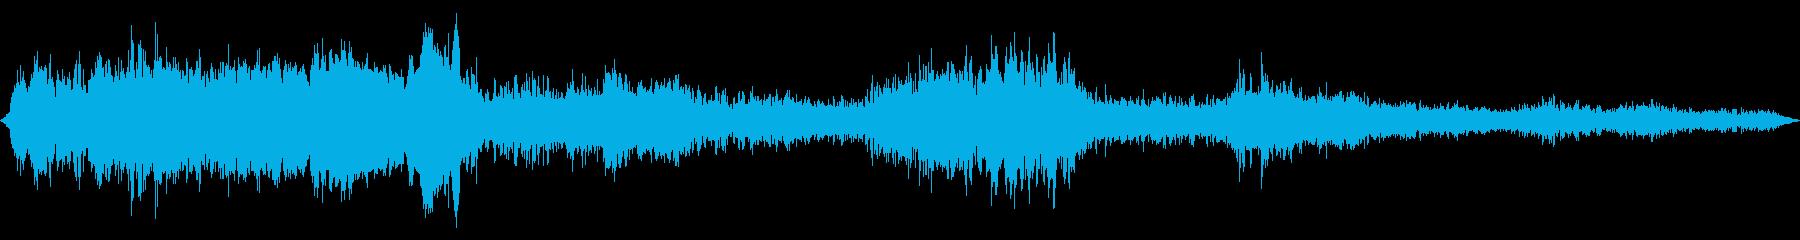 根本的な共鳴うめきを伴うミュージカ...の再生済みの波形